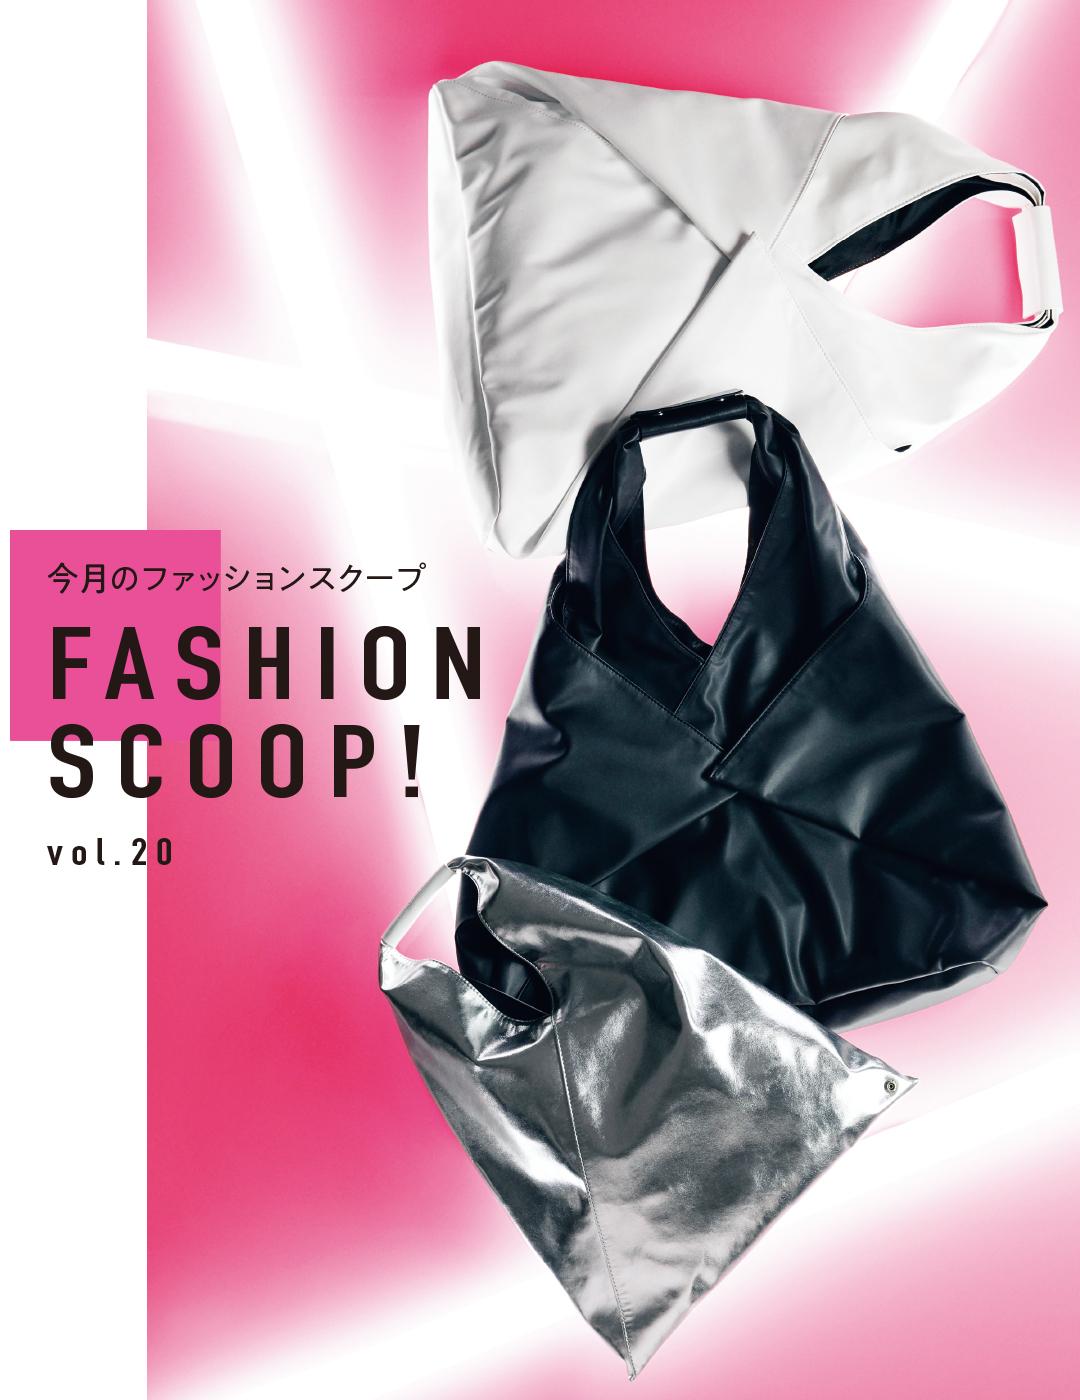 今月のファッションスクープ FASHION SCOOP! vol.20